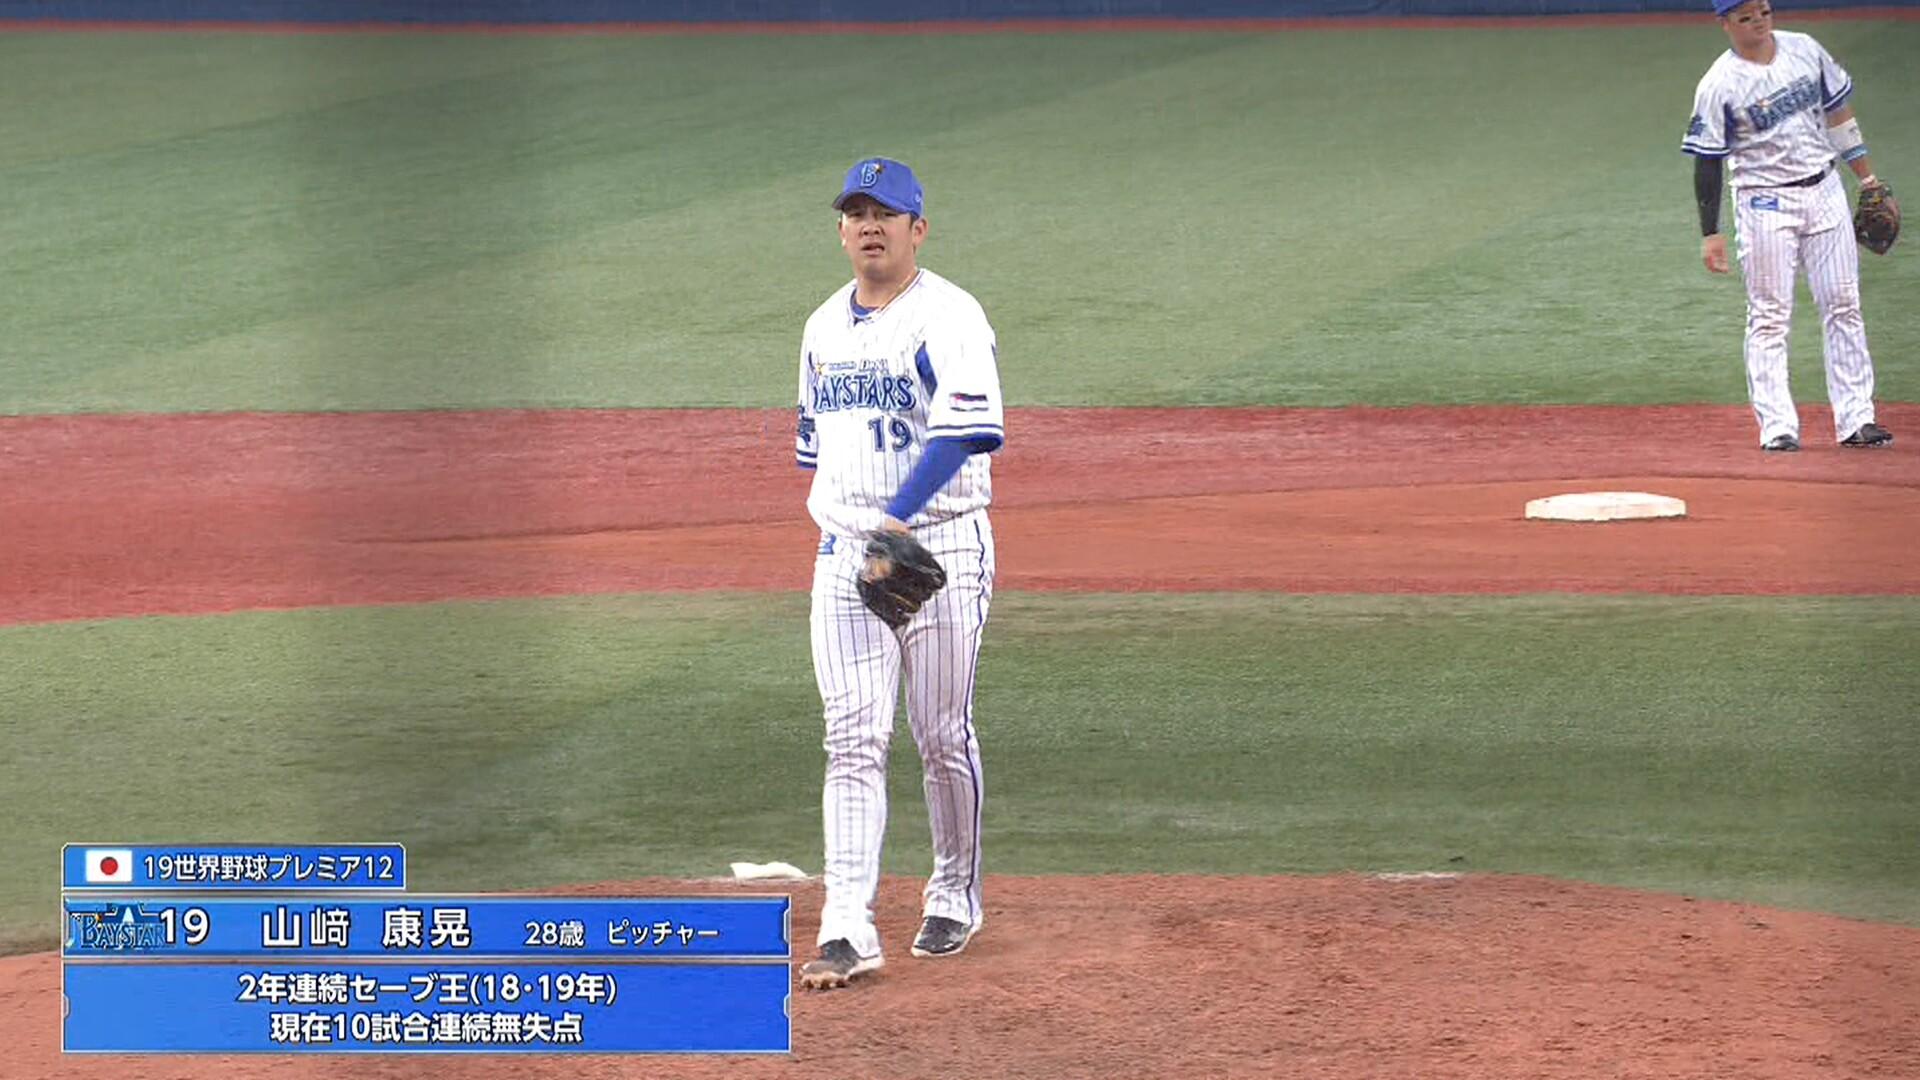 【復活】 山崎康晃、11試合連続無失点 防御率1.17